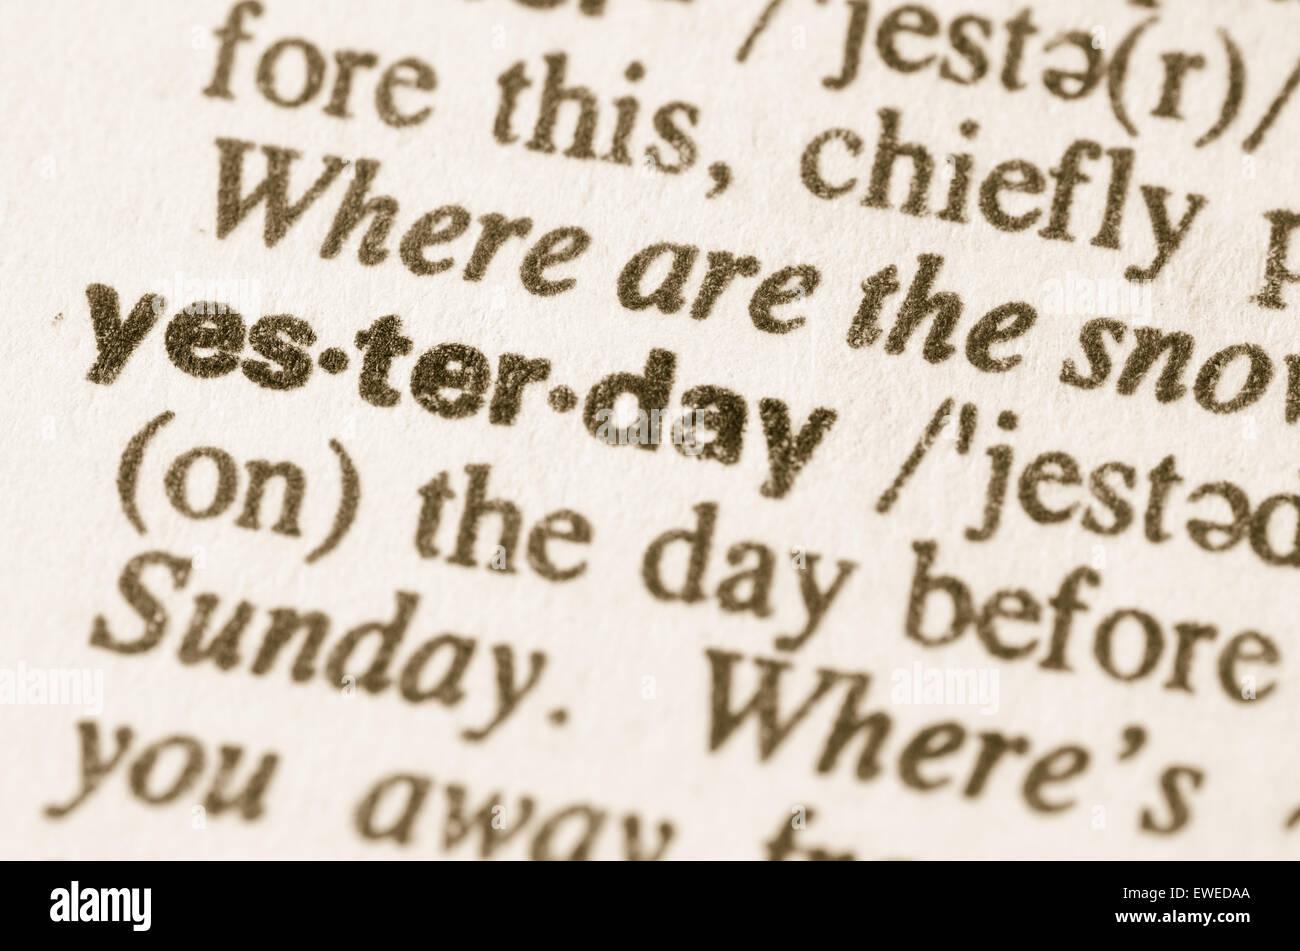 Definizione di ieri di parola nel dizionario Immagini Stock